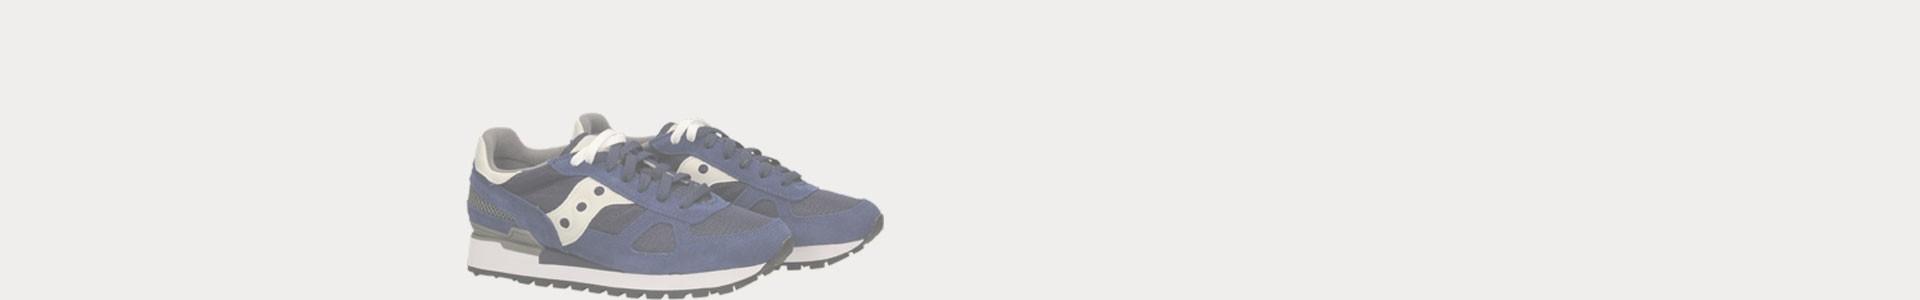 Sneaker Uomo online | Acquista su AnyGivenSunday.Shop